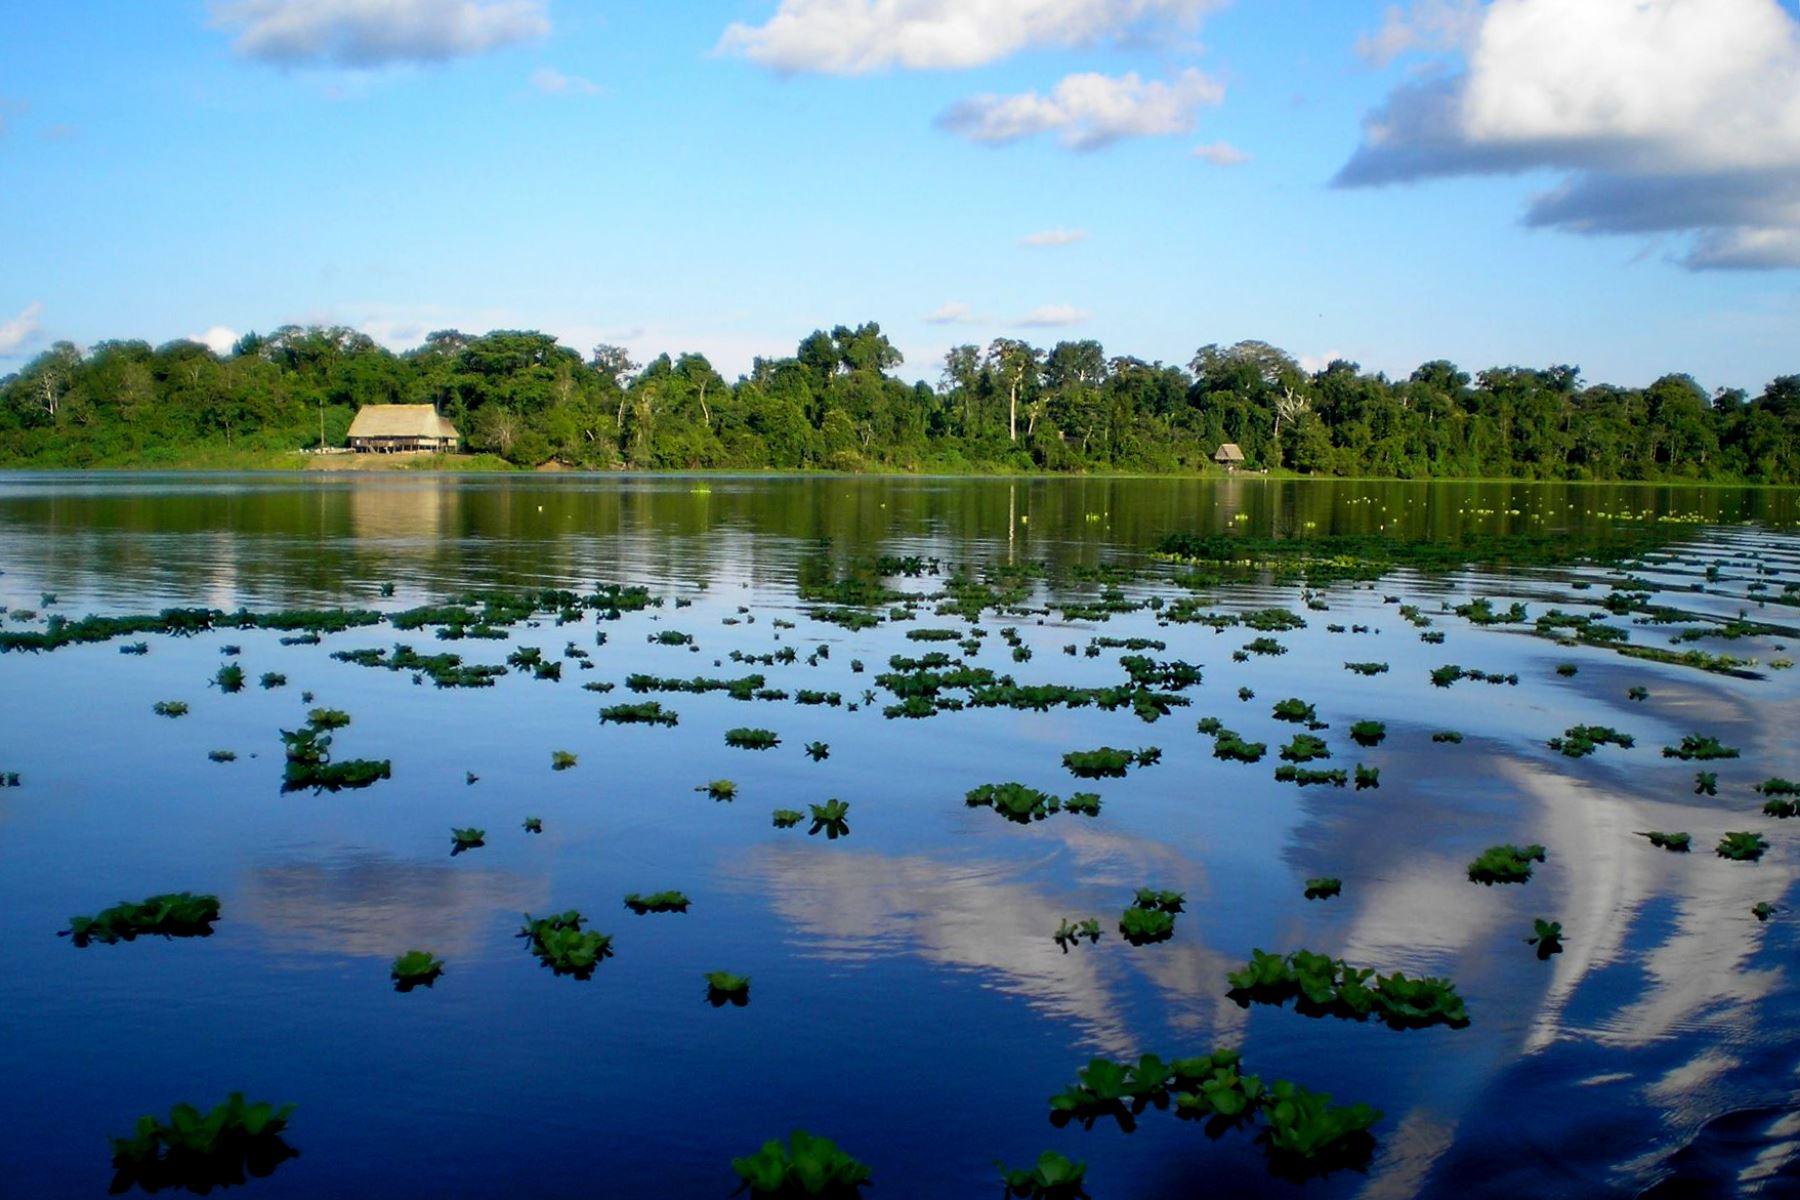 """La Reserva Nacional Pacaya Samiria, ubicada en la región Loreto, celebra 37 años de creación como paraíso amazónico que conserva una enorme biodiversidad, en muchos casos única en el planeta. Conocida también como la """"Selva de los espejos"""", esta área natural protegida recibió 14,202 visitantes en 2018. ANDINA/Difusión"""